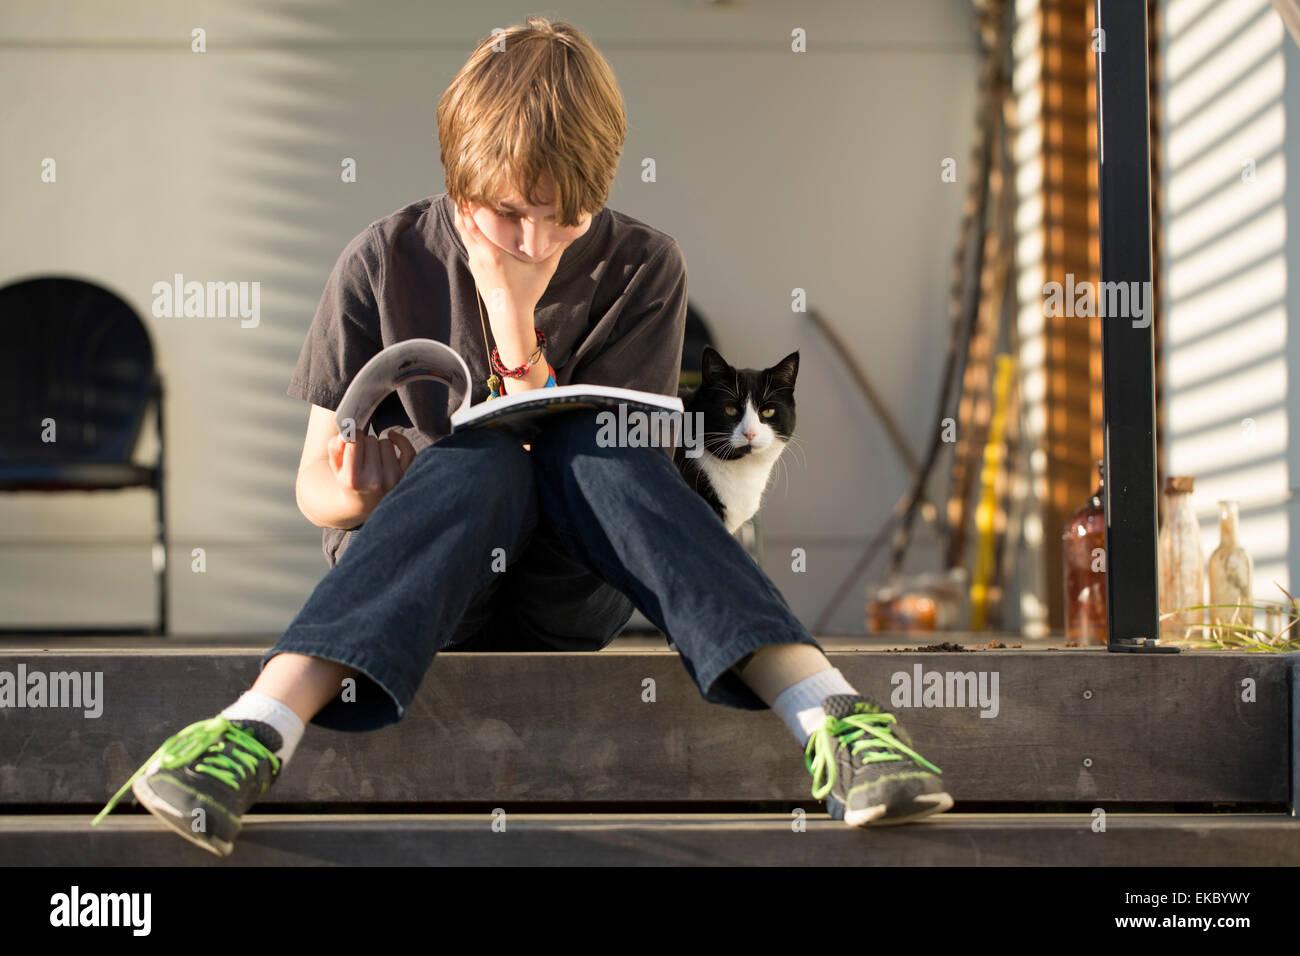 Ragazzo seduto sulla fase lettura libro, cat il peering da dietro Immagini Stock